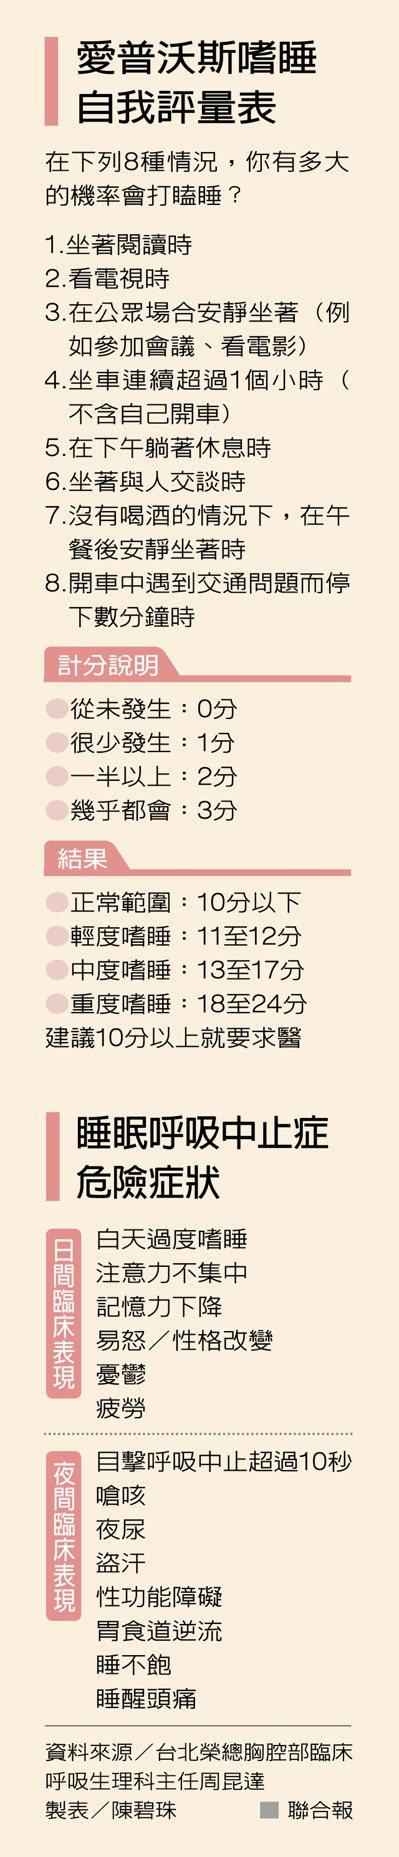 愛普沃斯嗜睡自我評量表 製表/陳碧珠